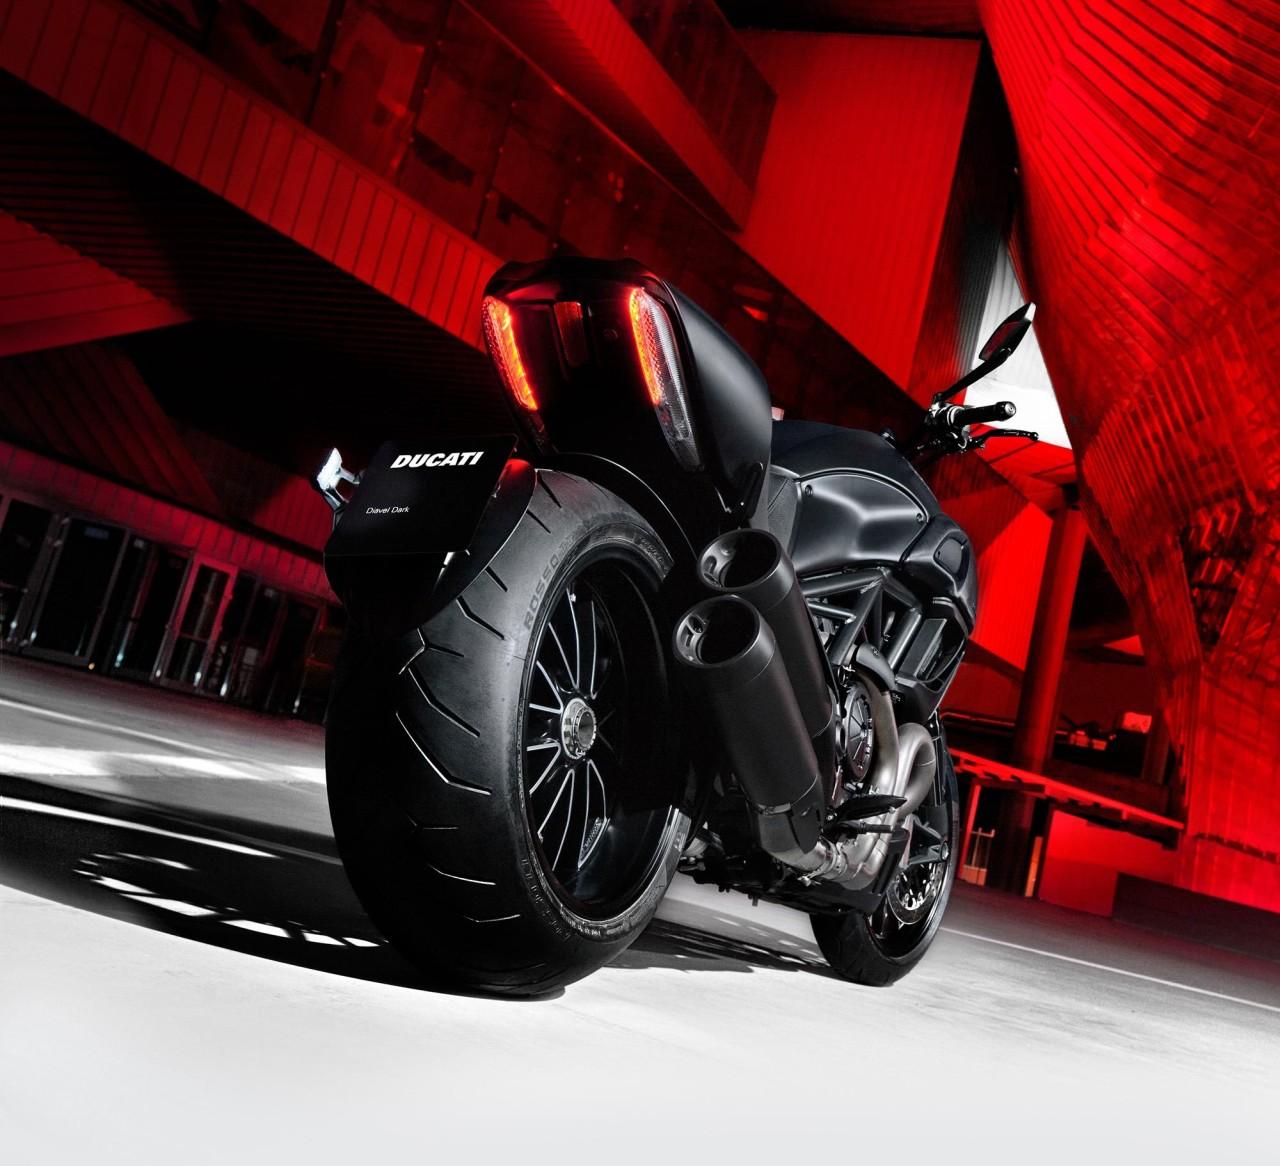 Мотоцикл Ducati море  № 3435466 без смс